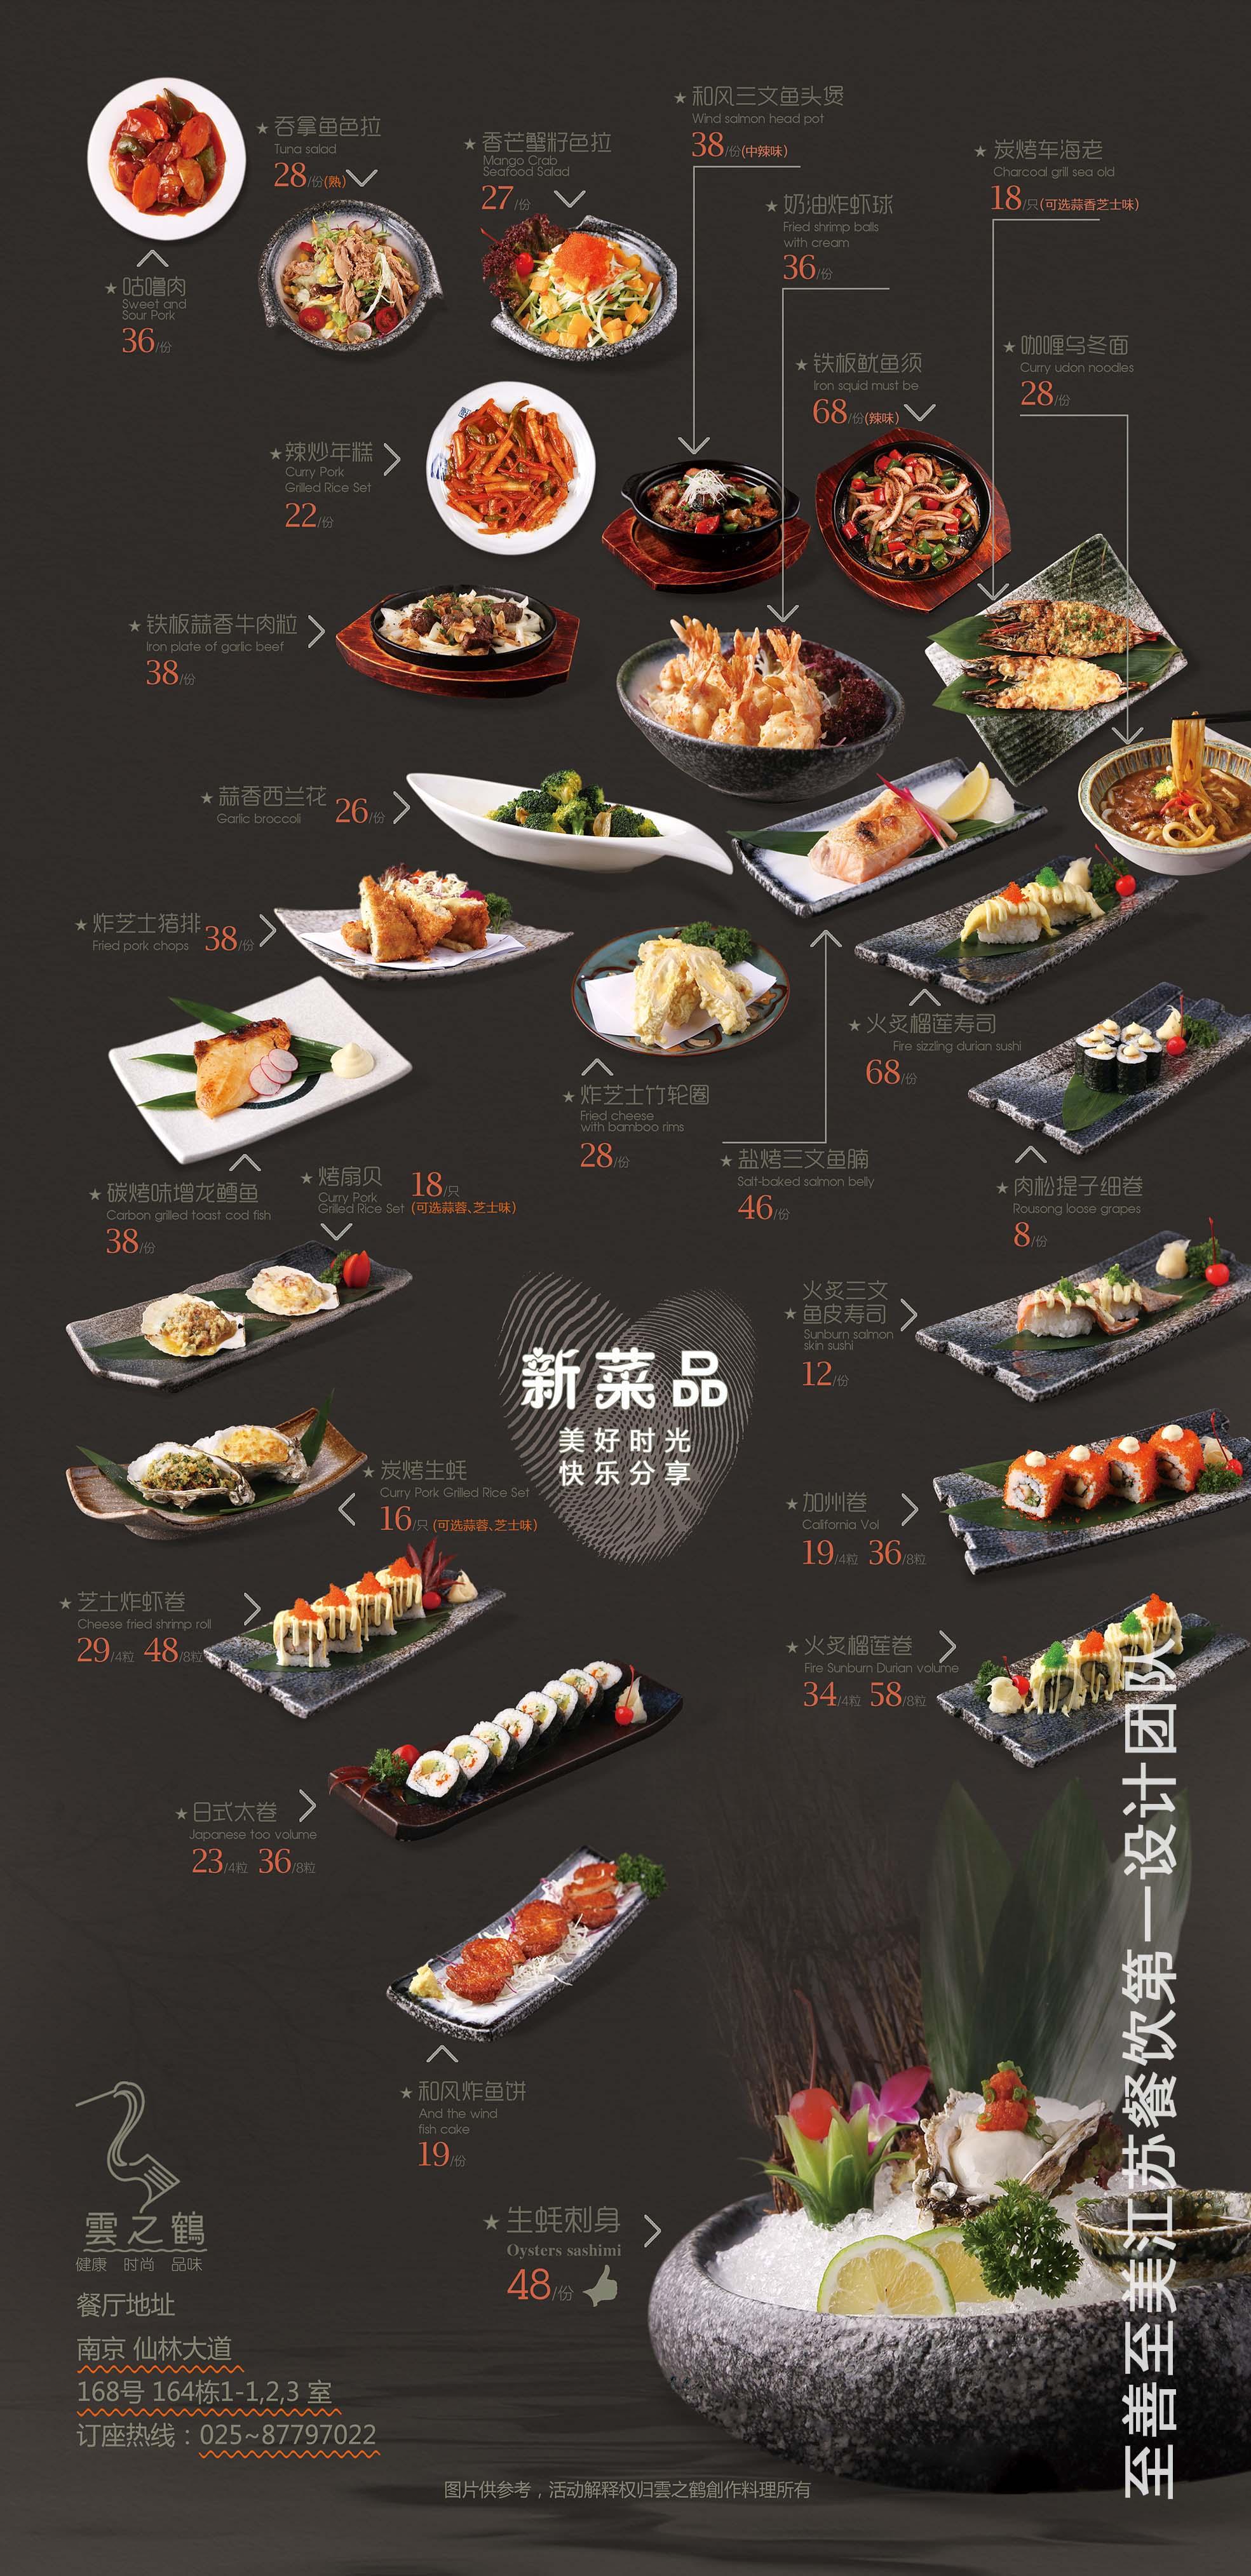 菜肴菜谱摄影阅读-有联系的菜单设计更快速的原创(拍照海报美食王者荣耀ps海报设计_图片